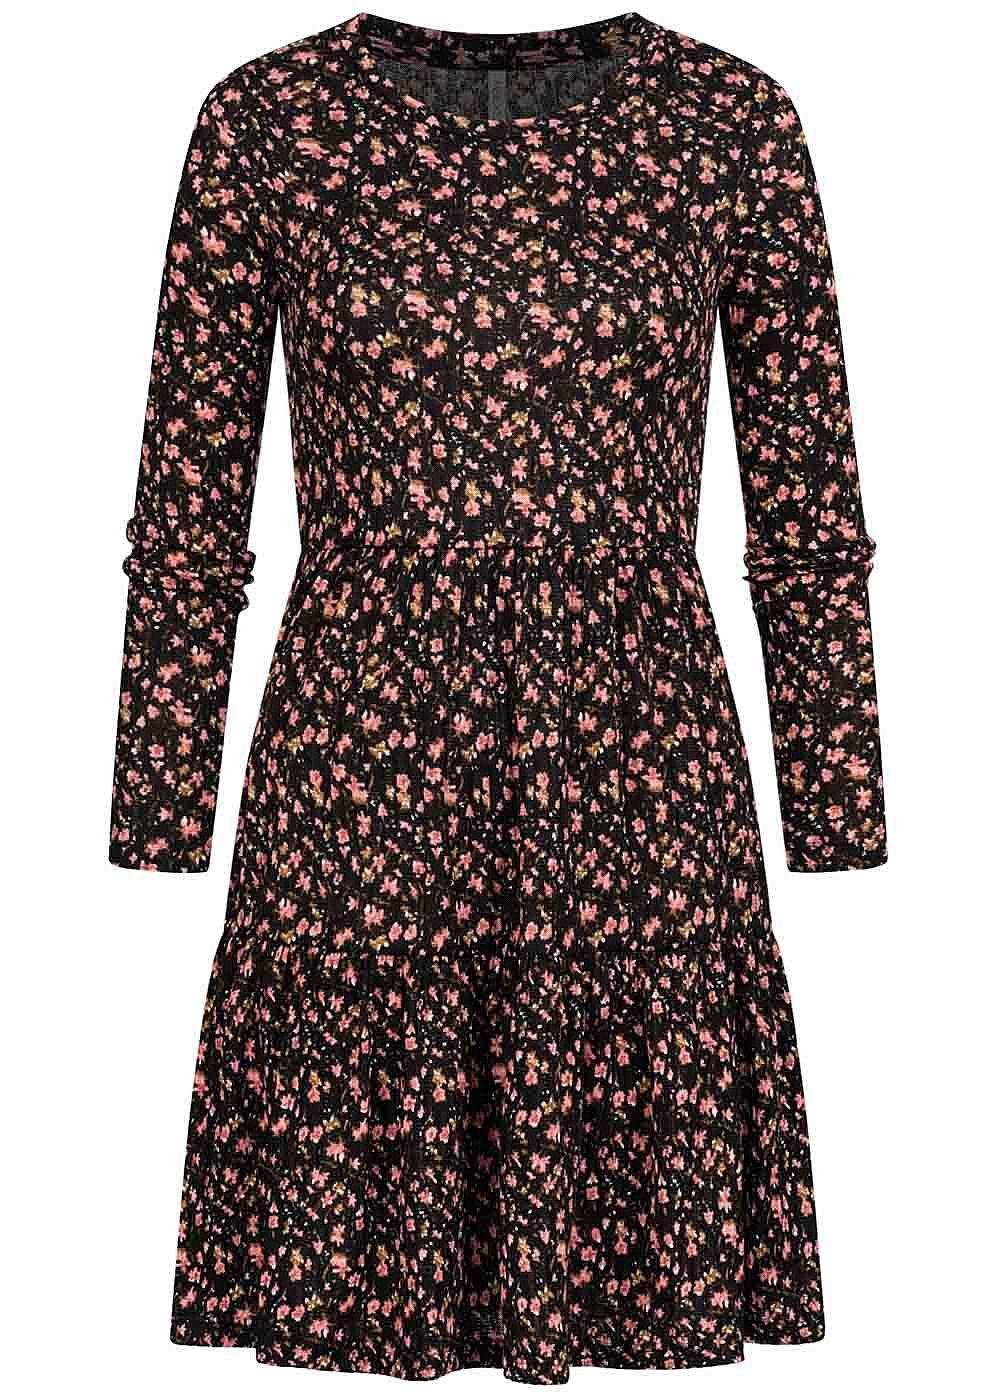 Hailys Damen Struktur Mini Kleid mit Blumen Muster schwarz ...